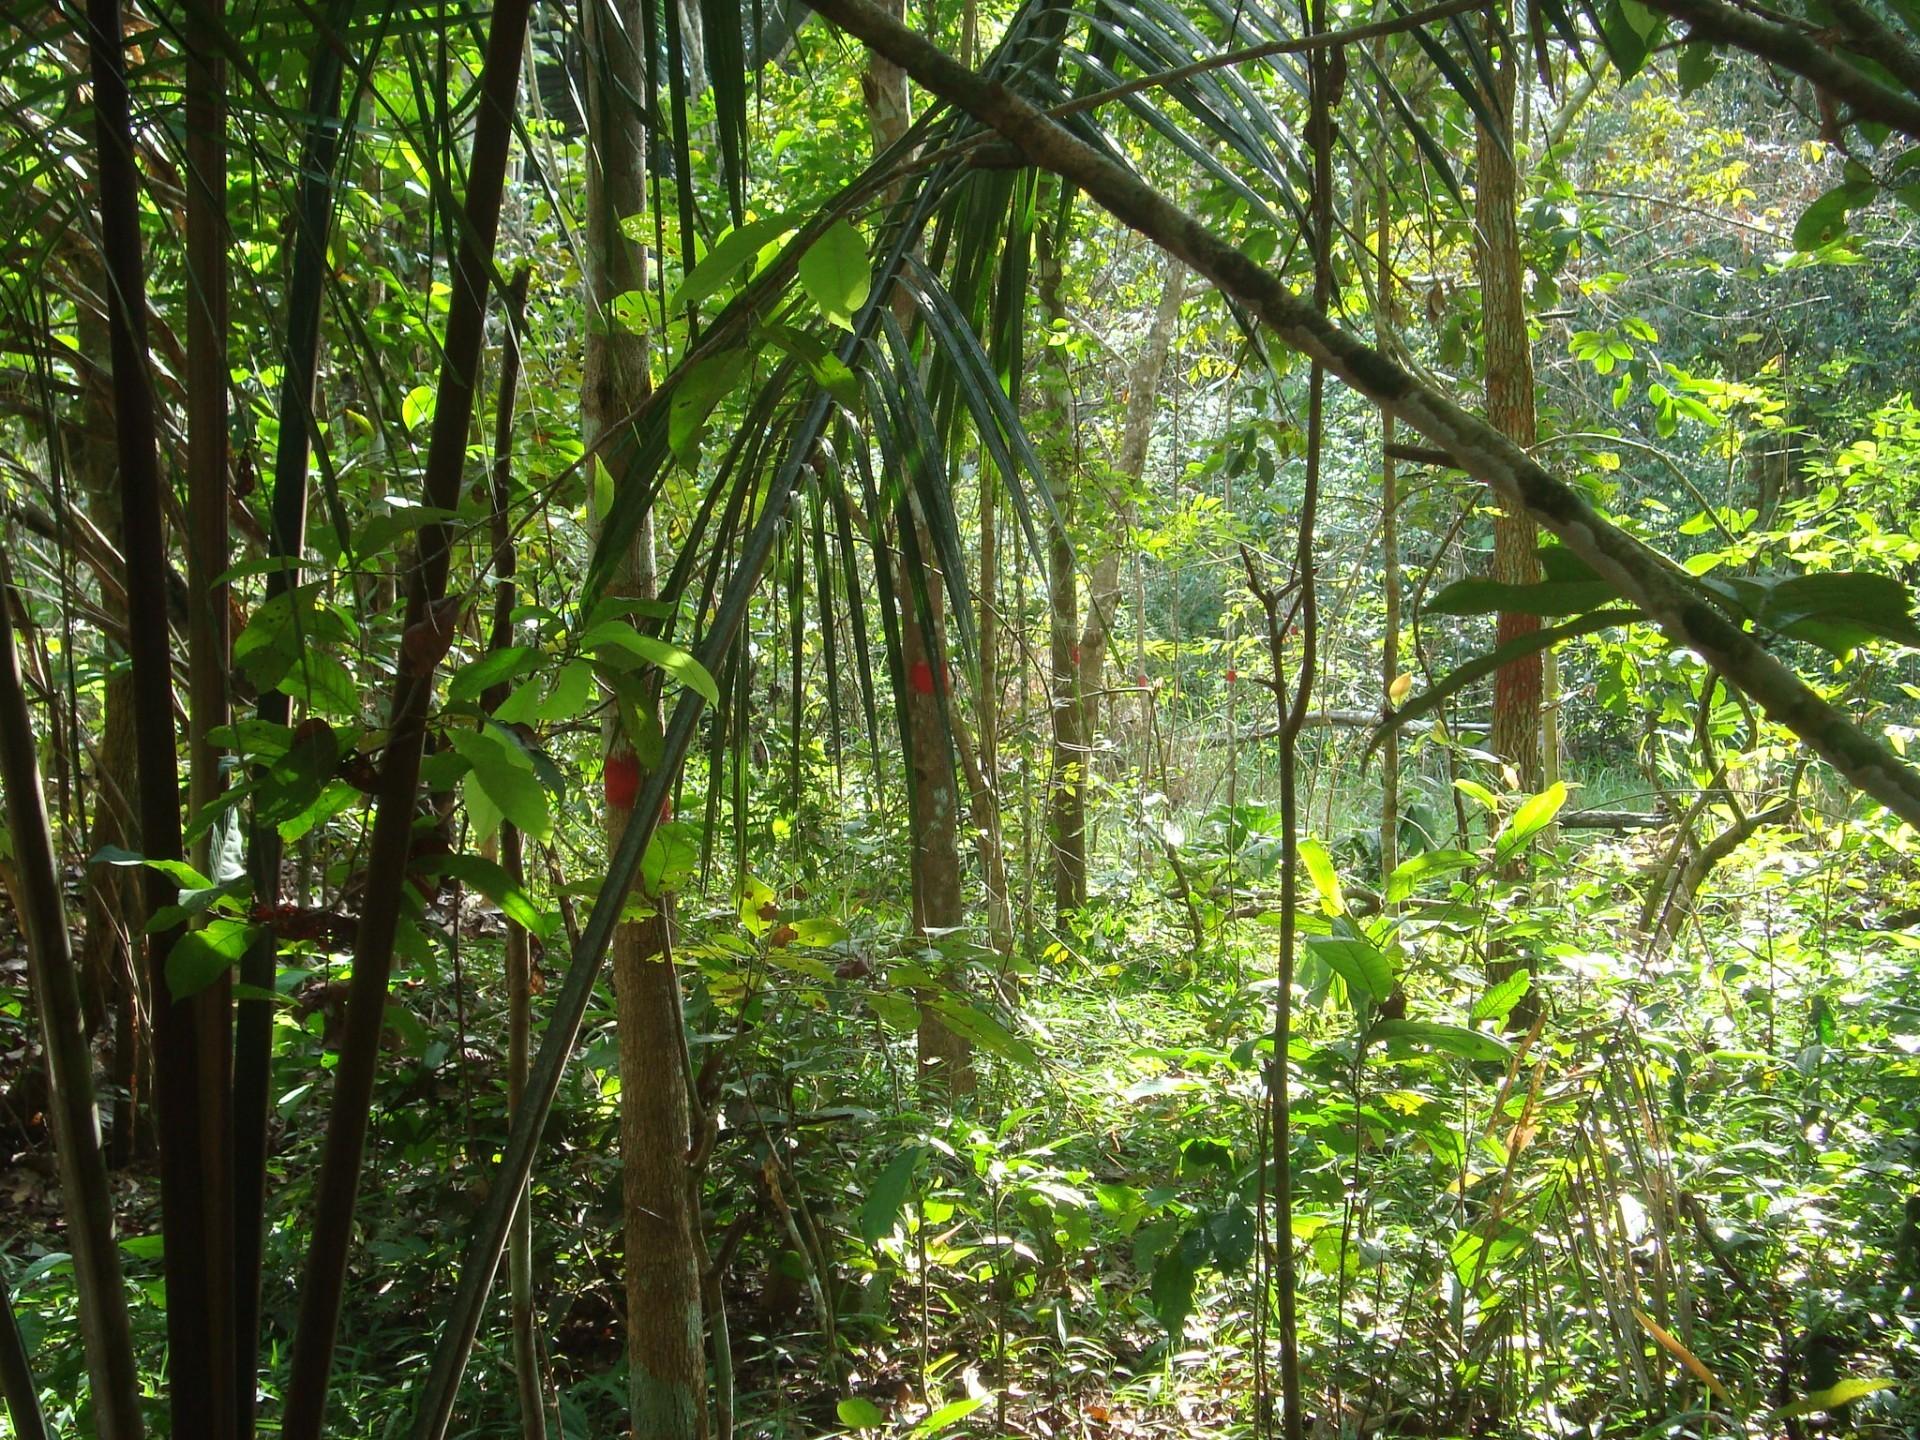 Plantios são monitorados segundo metodologia da ONF Brasil e ONF International (Foto: Alan Bernardes/ ONF Brasil)